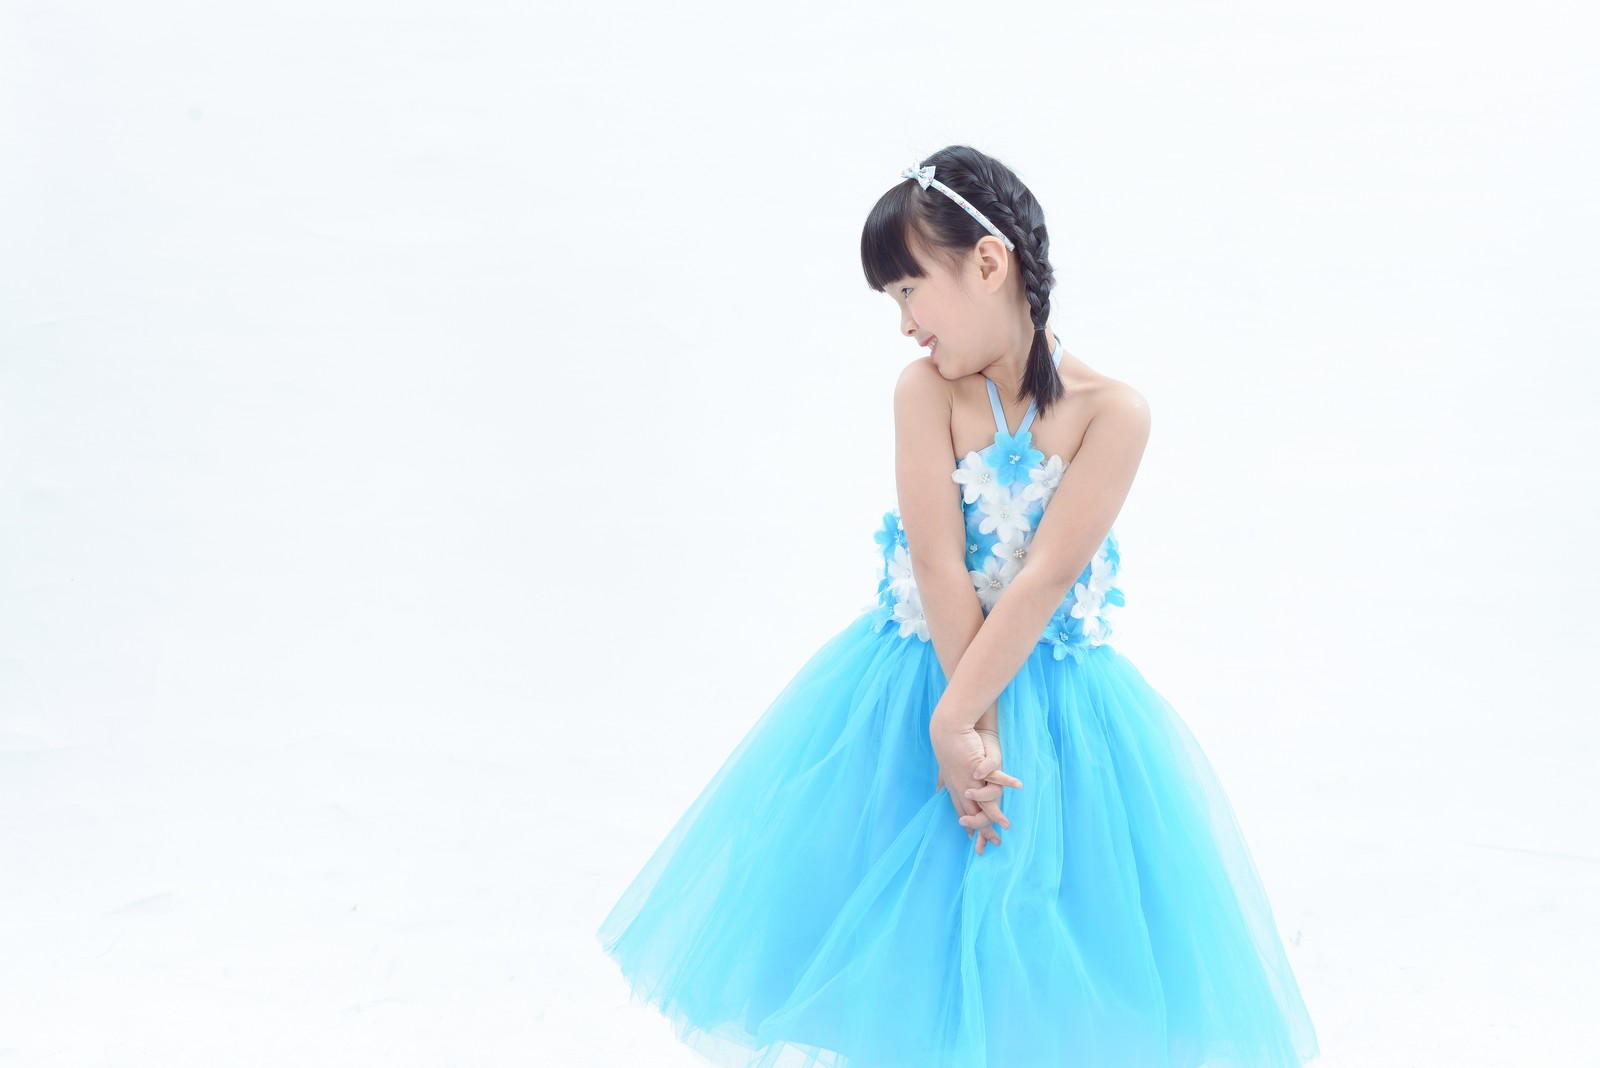 兒童寫真,兒童攝影,婚紗攝影師,自助婚紗,bb03